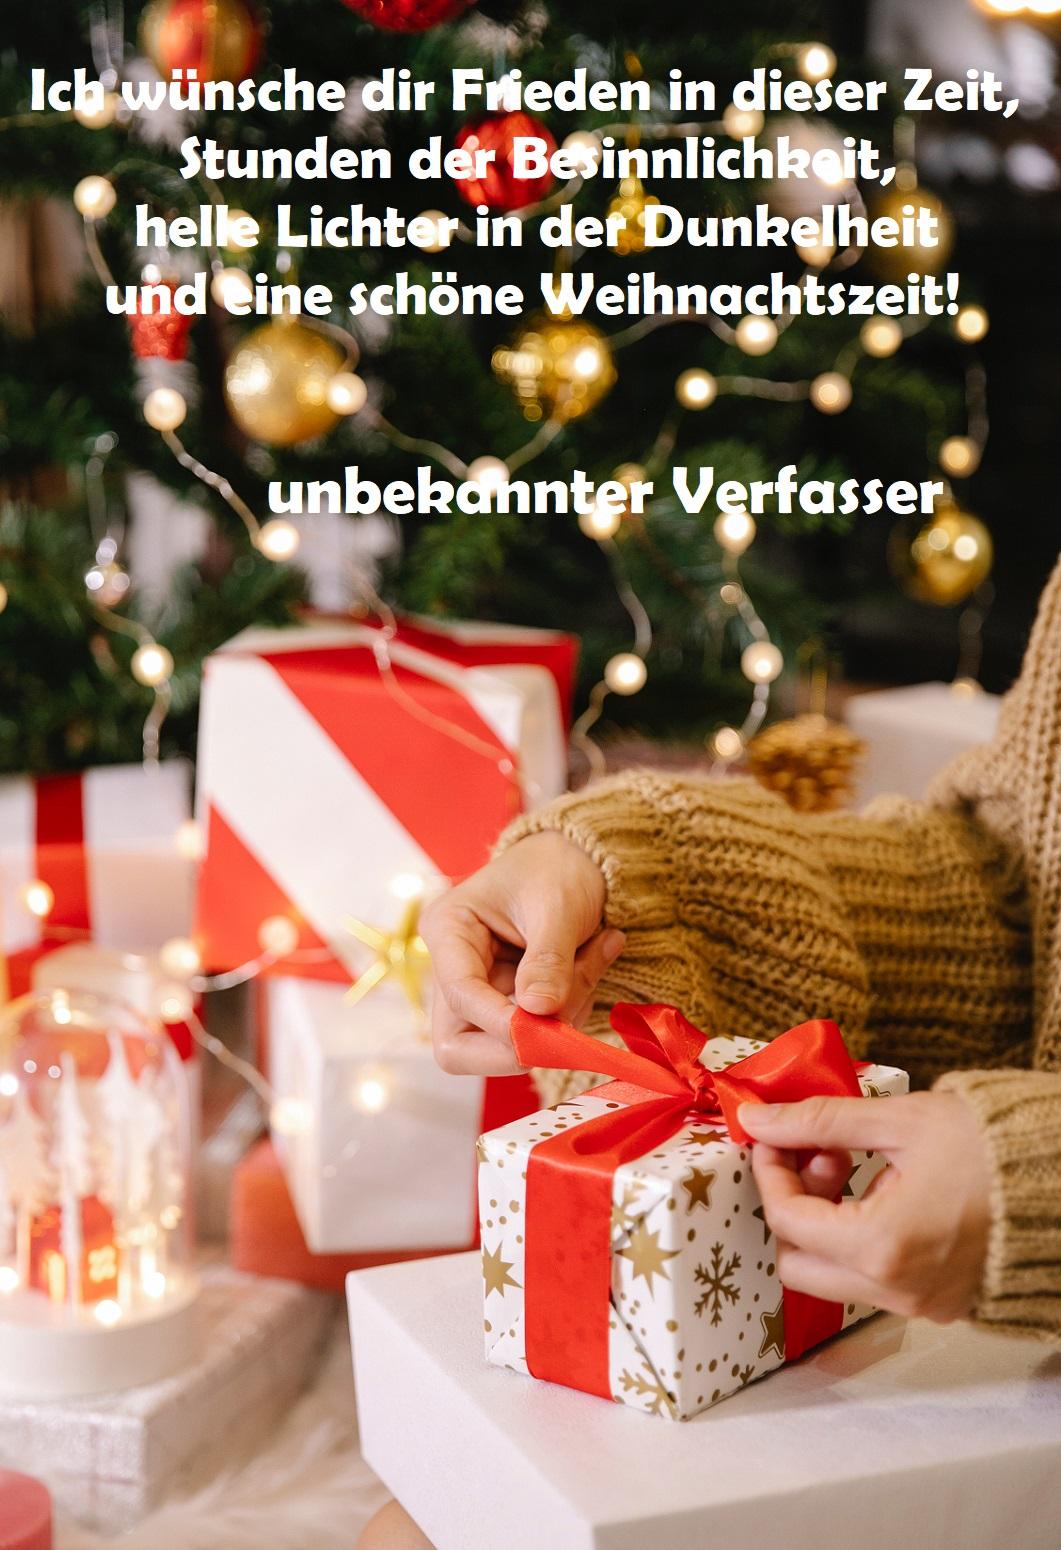 Weihnachtswünsche Bild 19